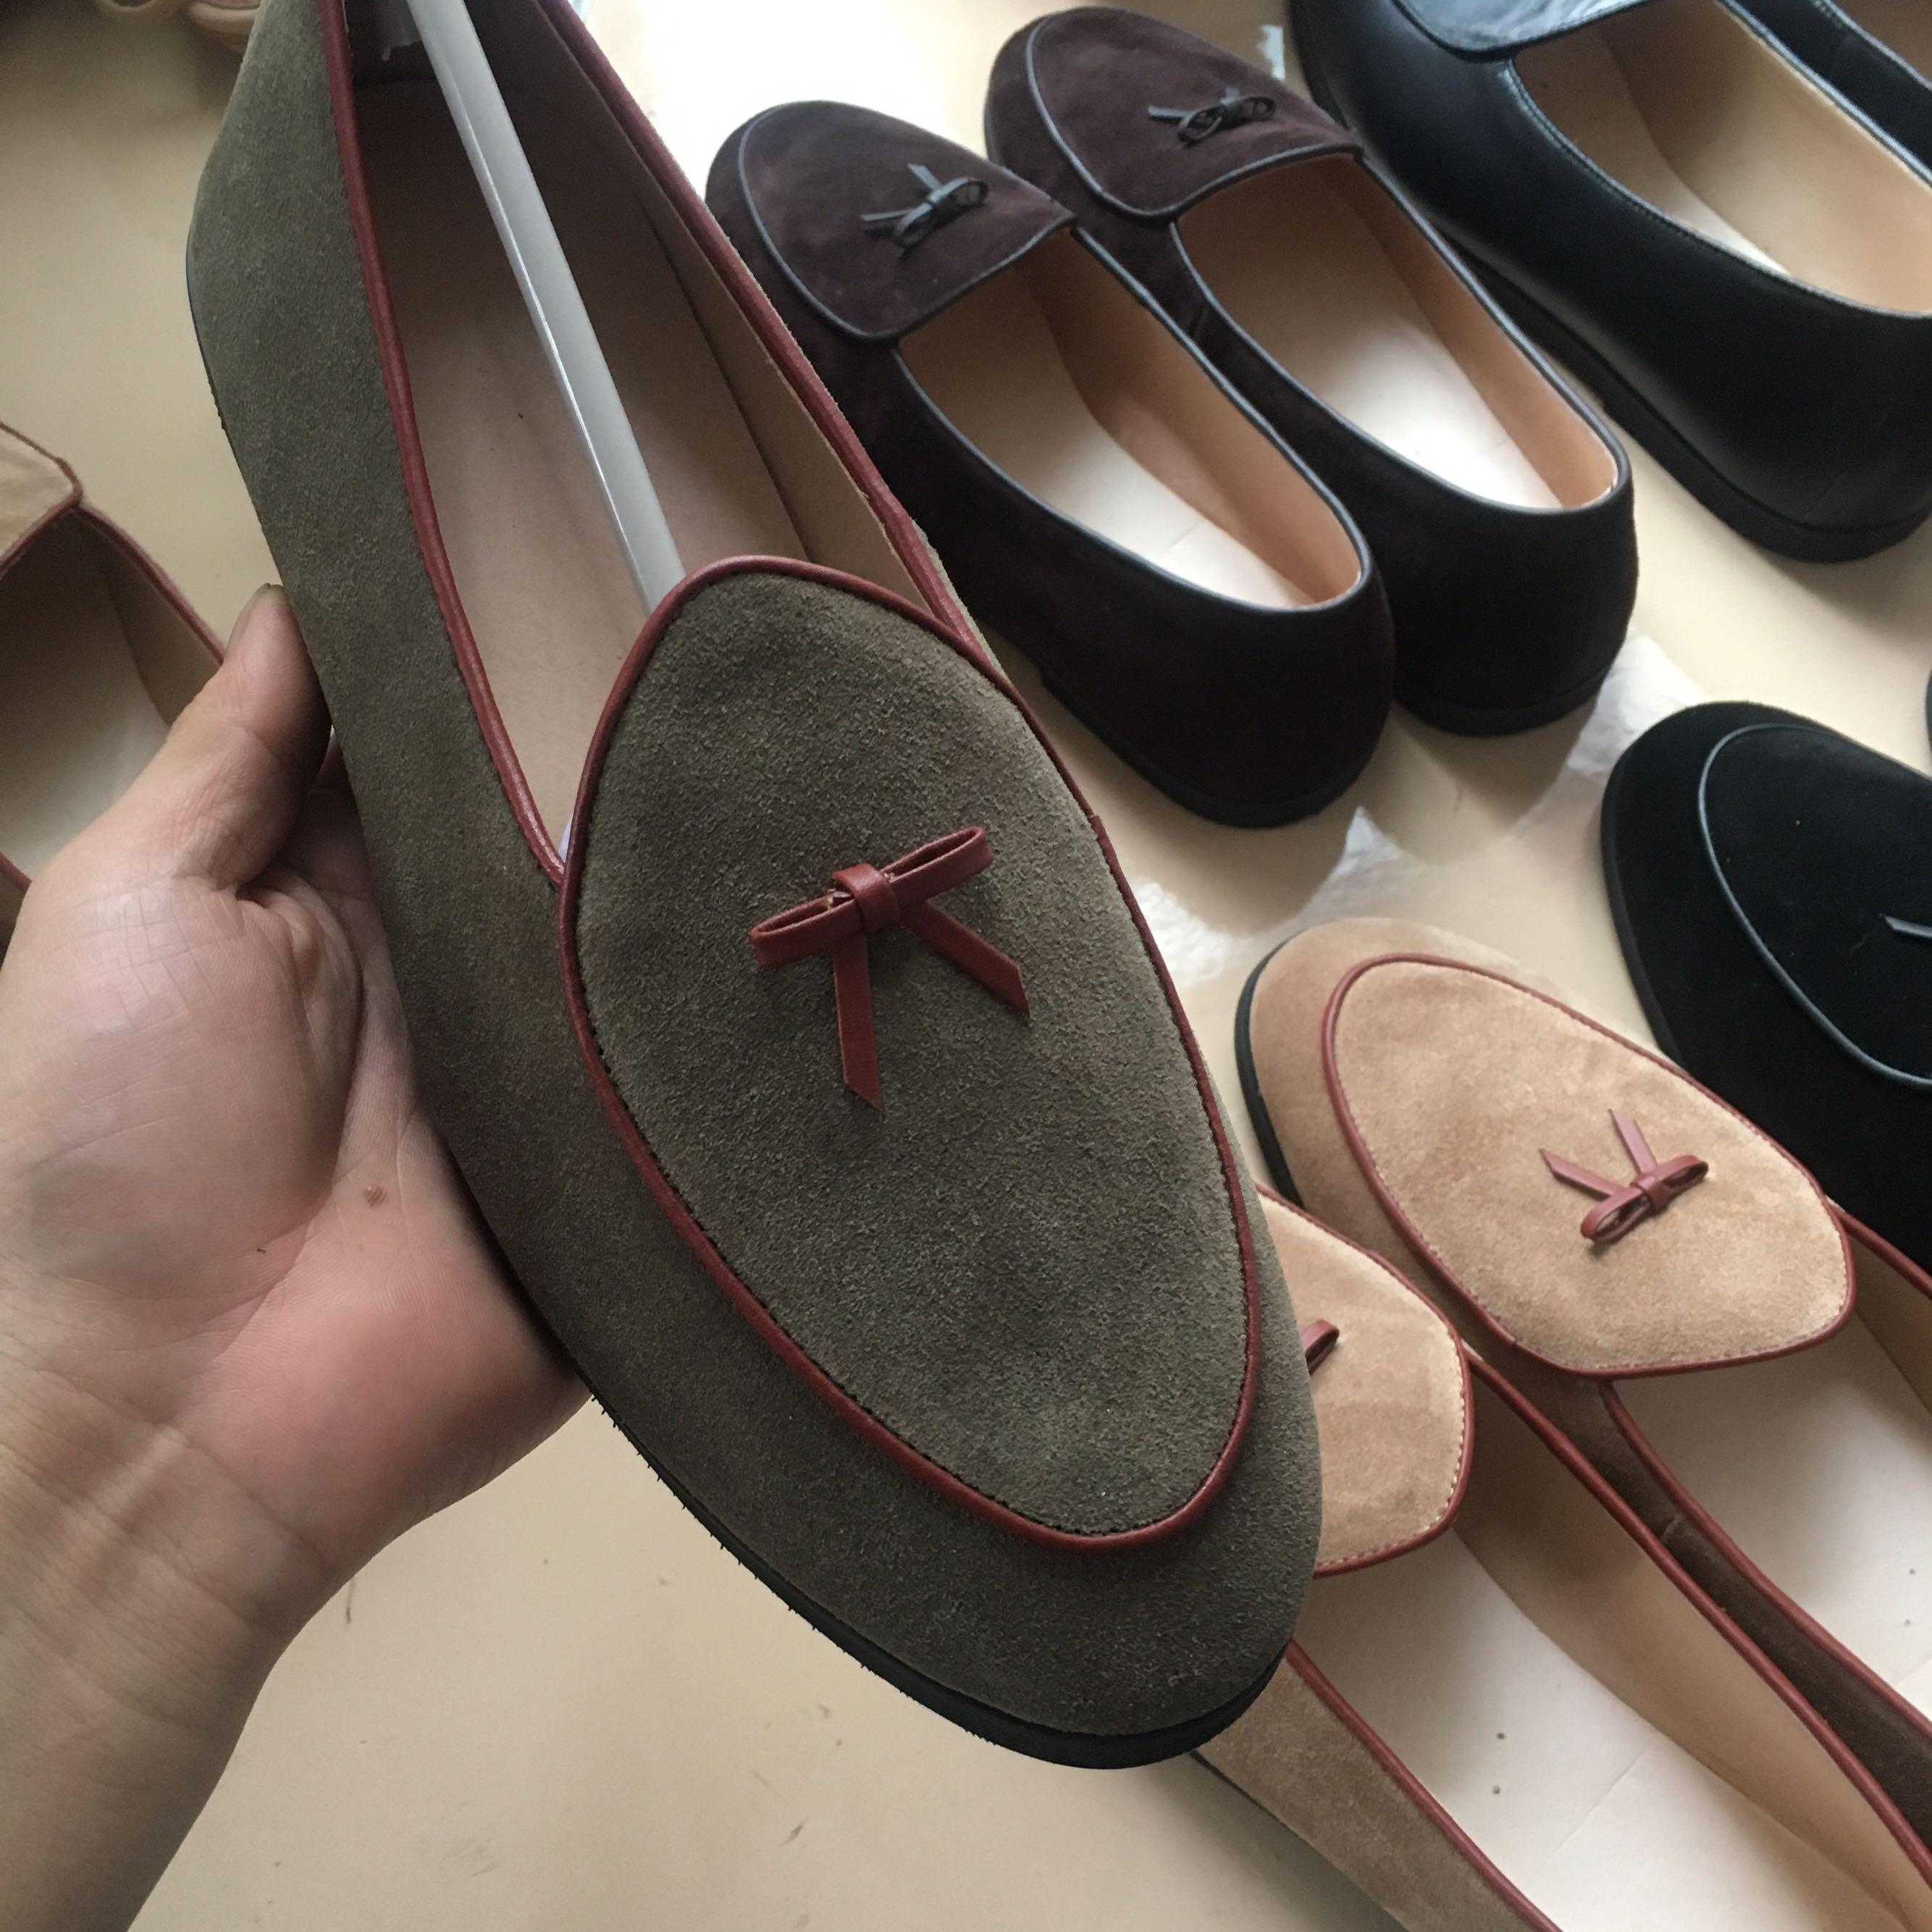 男士蝴蝶结百搭套脚反绒牛皮一脚蹬皮鞋 英伦风乐福鞋 2018 休闲鞋